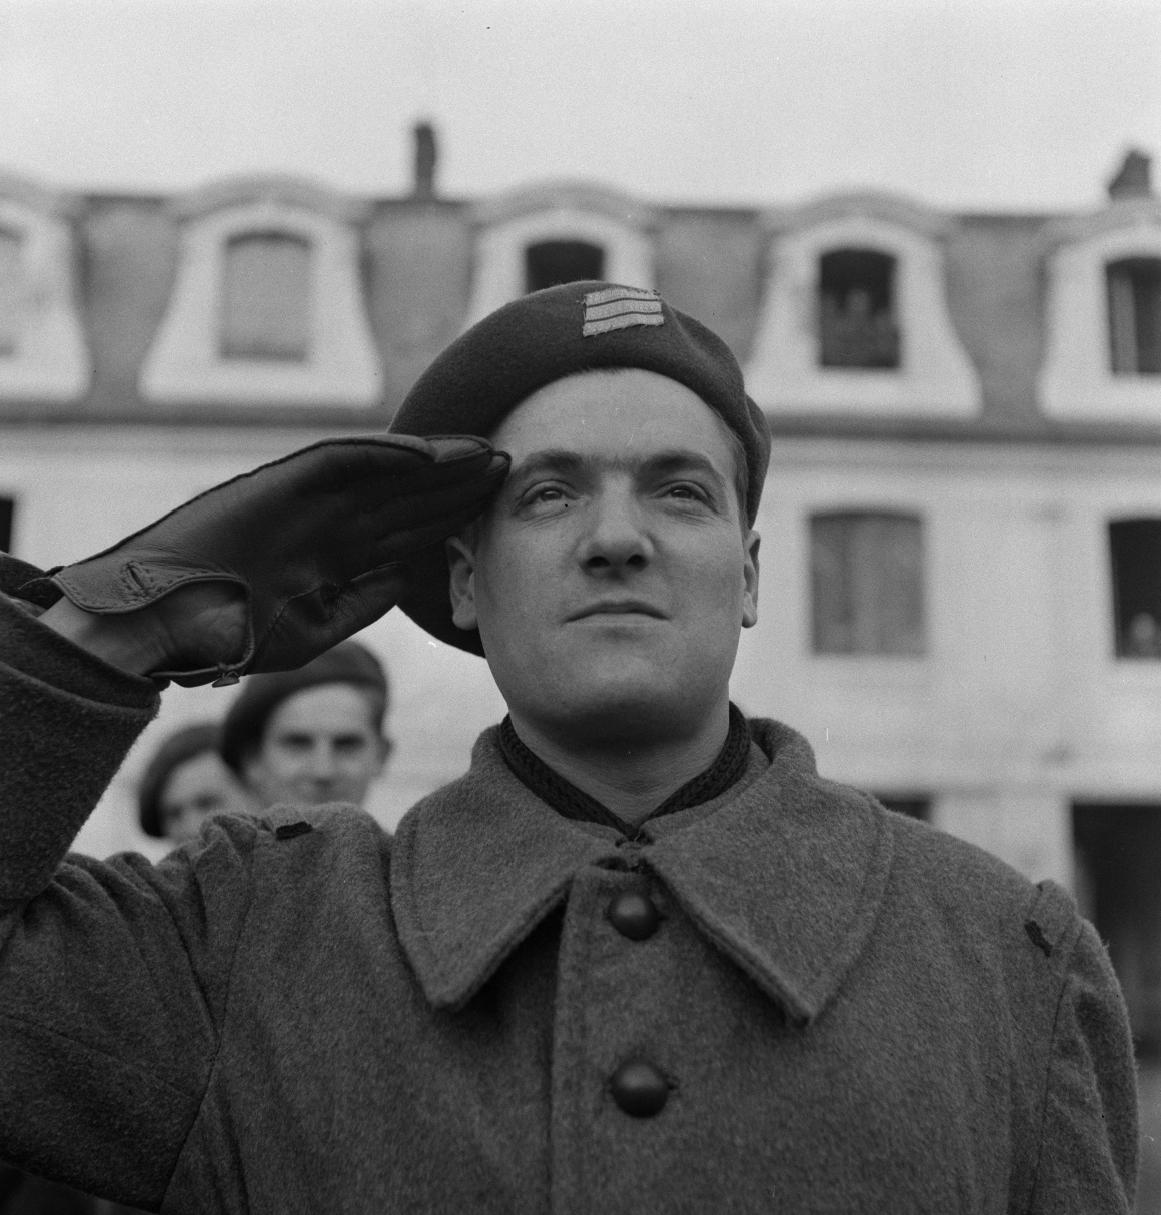 08. Роберт Микрон, сержант, бежал из Сенегала в декабре 1942 года. Почему вы уезжаете?  Нет никаких сомнений, мы будем сражаться за будущее Франции